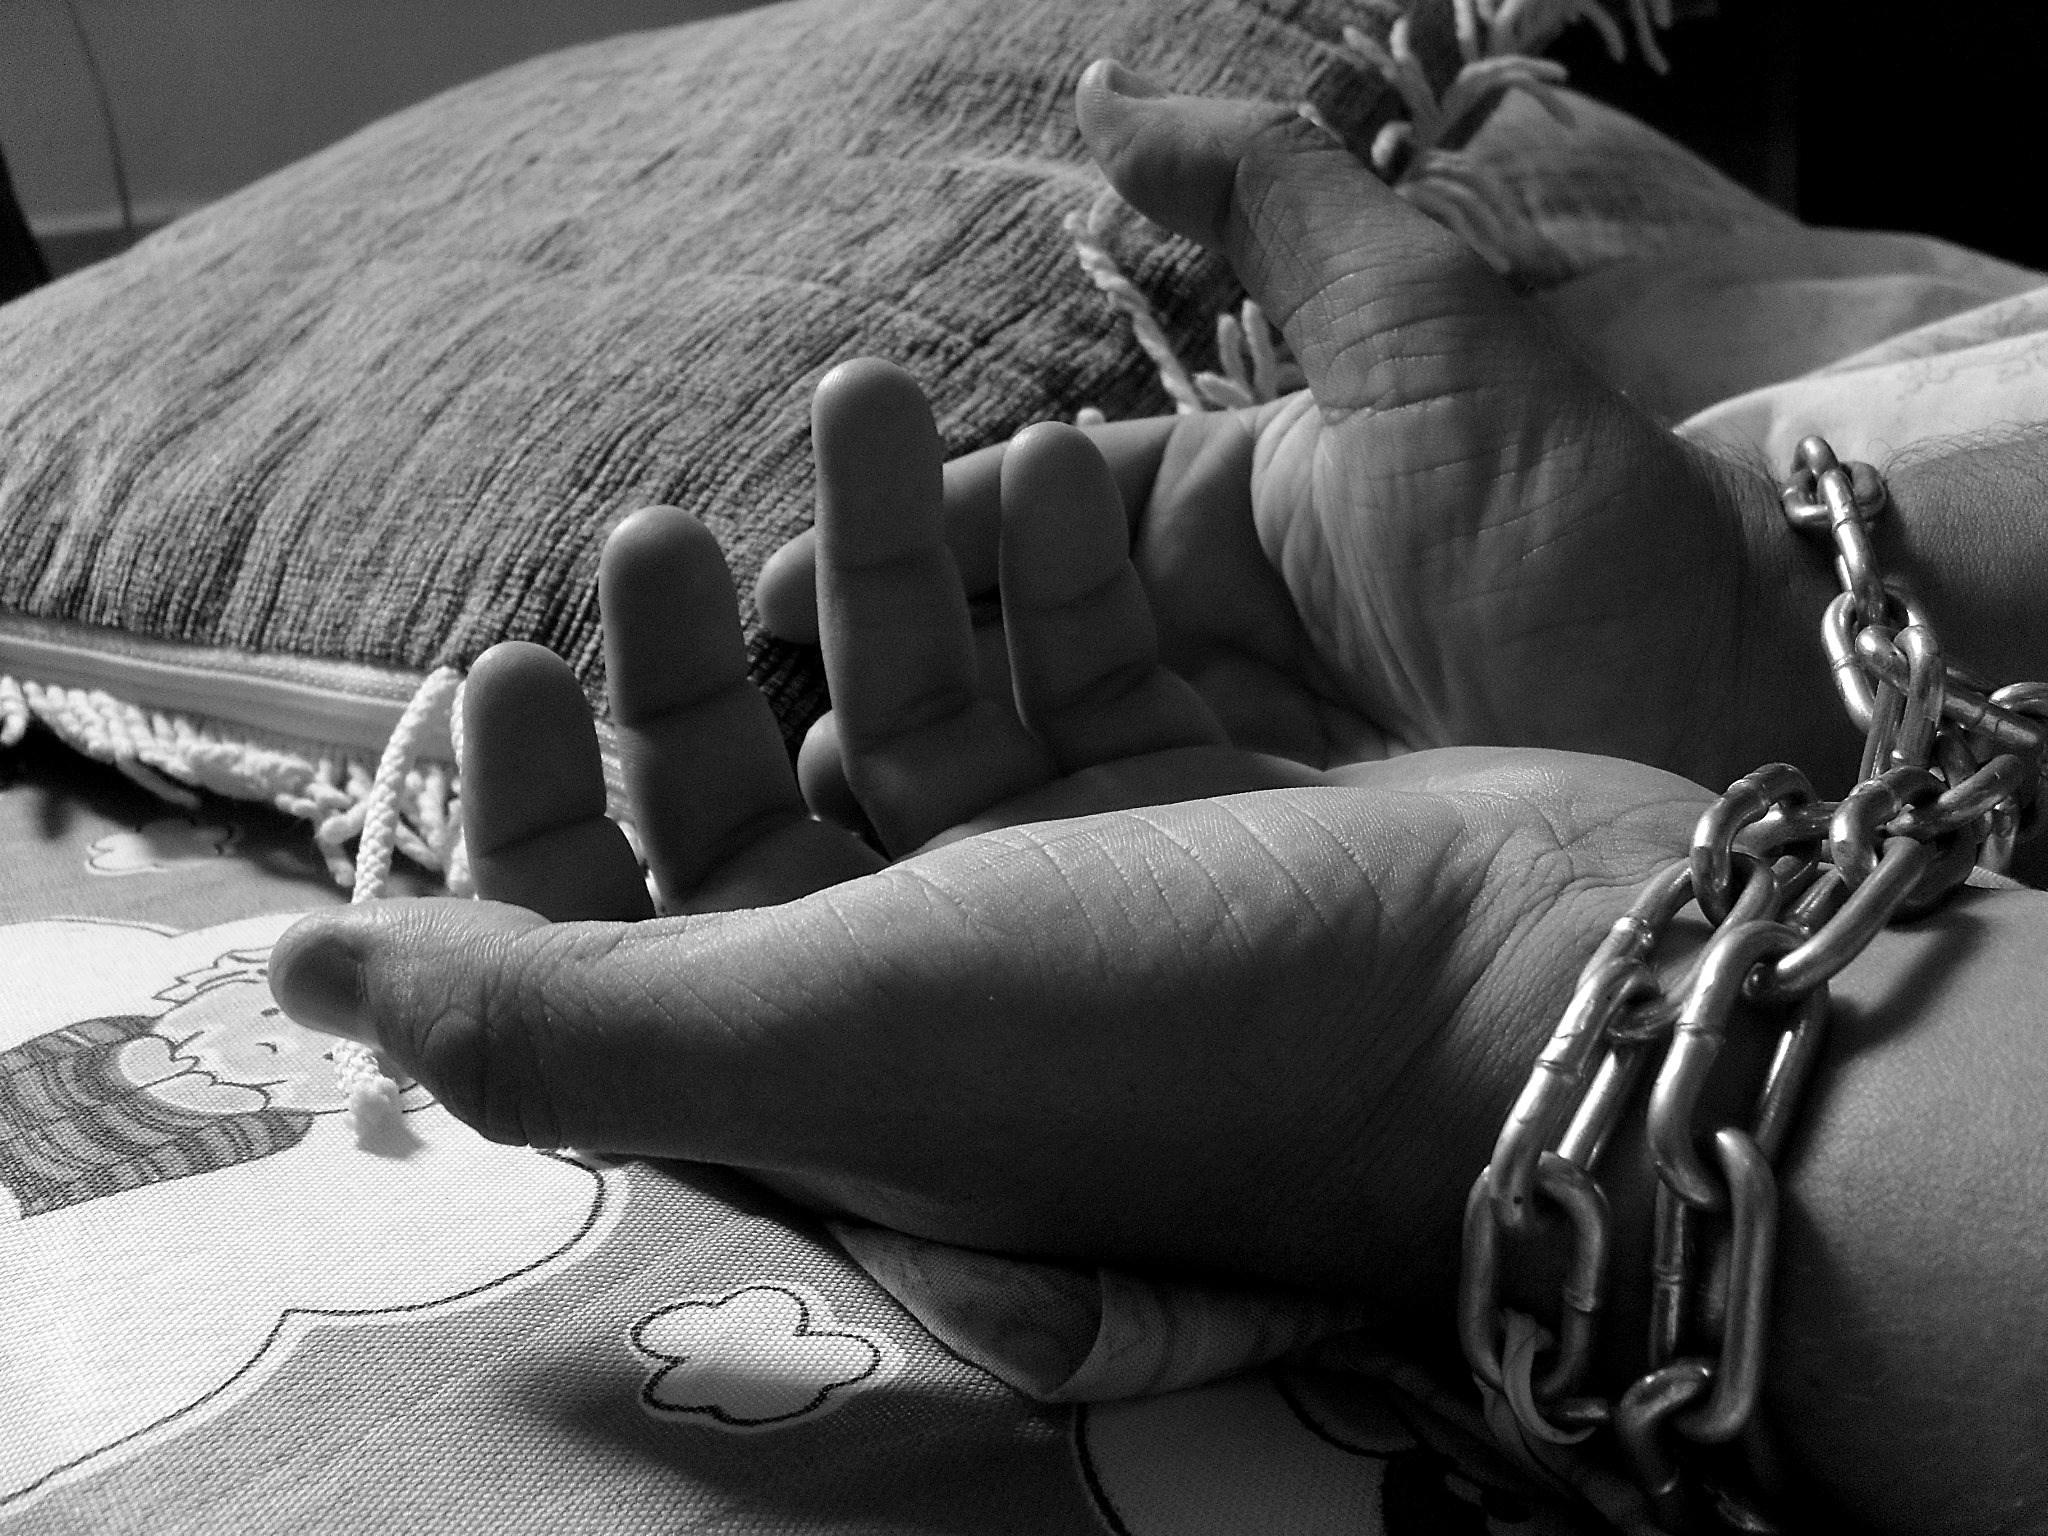 Генсек ООН заявил, что более 40 млн людей в мире живут в рабстве